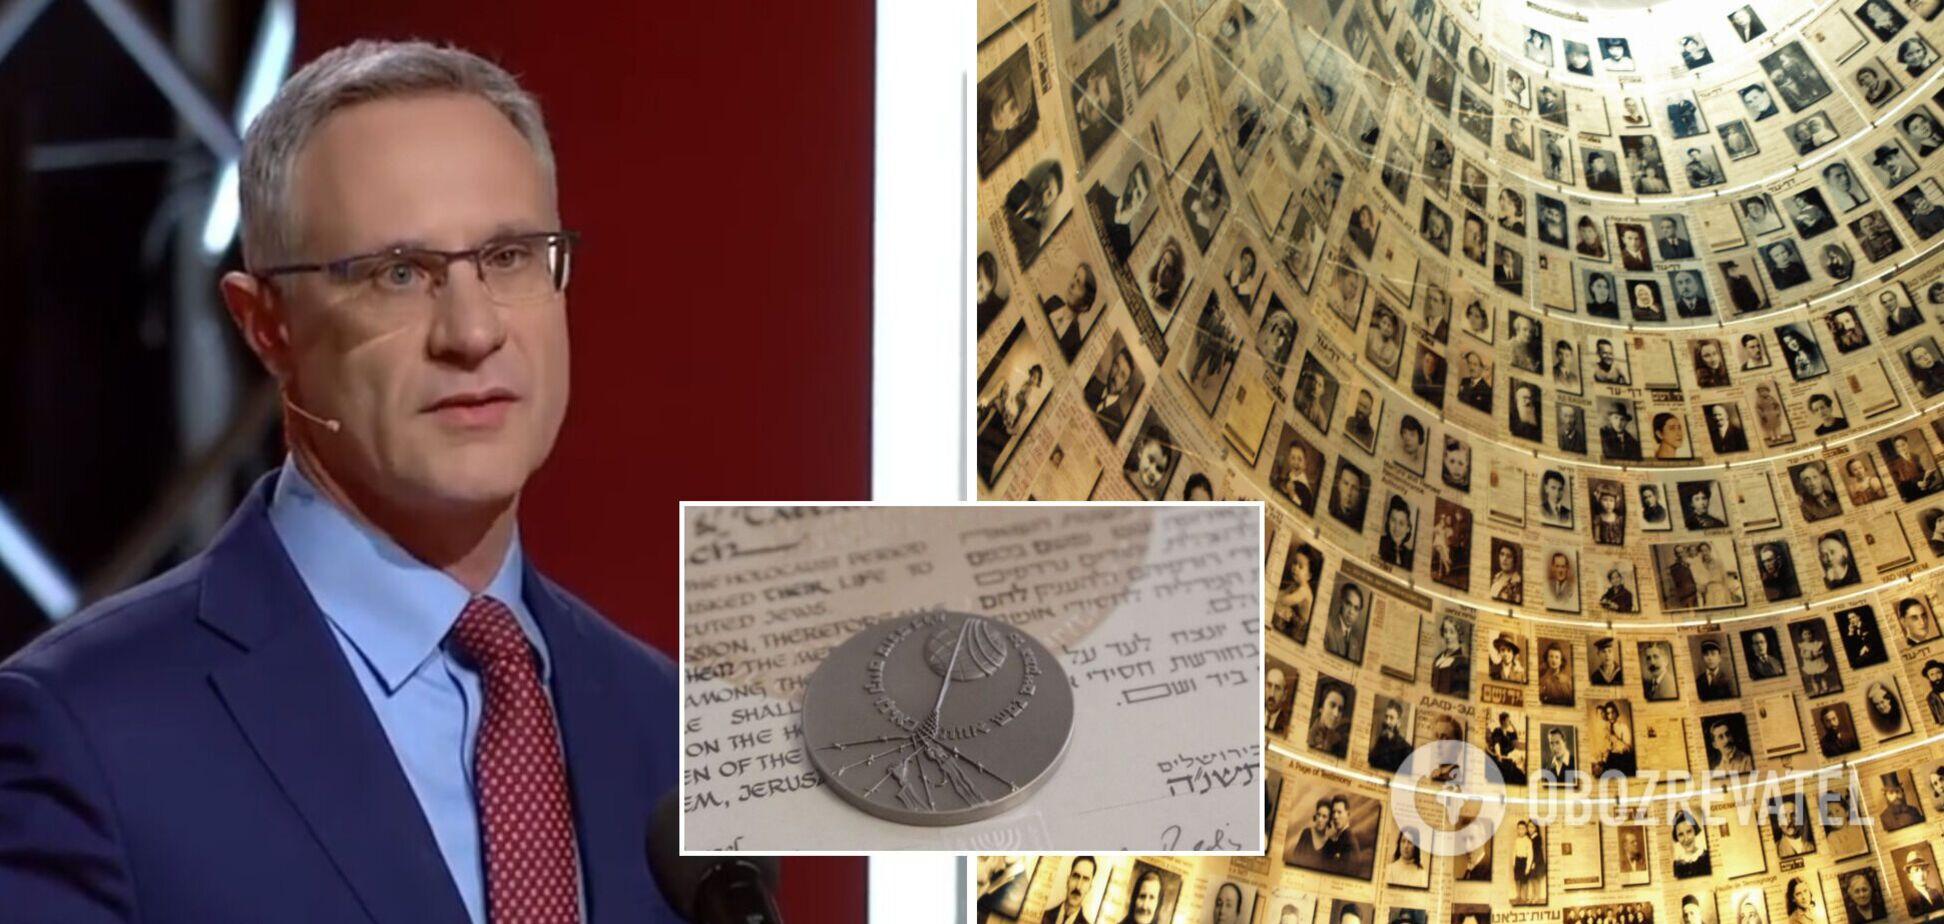 Праведників світу набагато більше: люди, які рятували євреїв, є героями України, – посол Ізраїлю